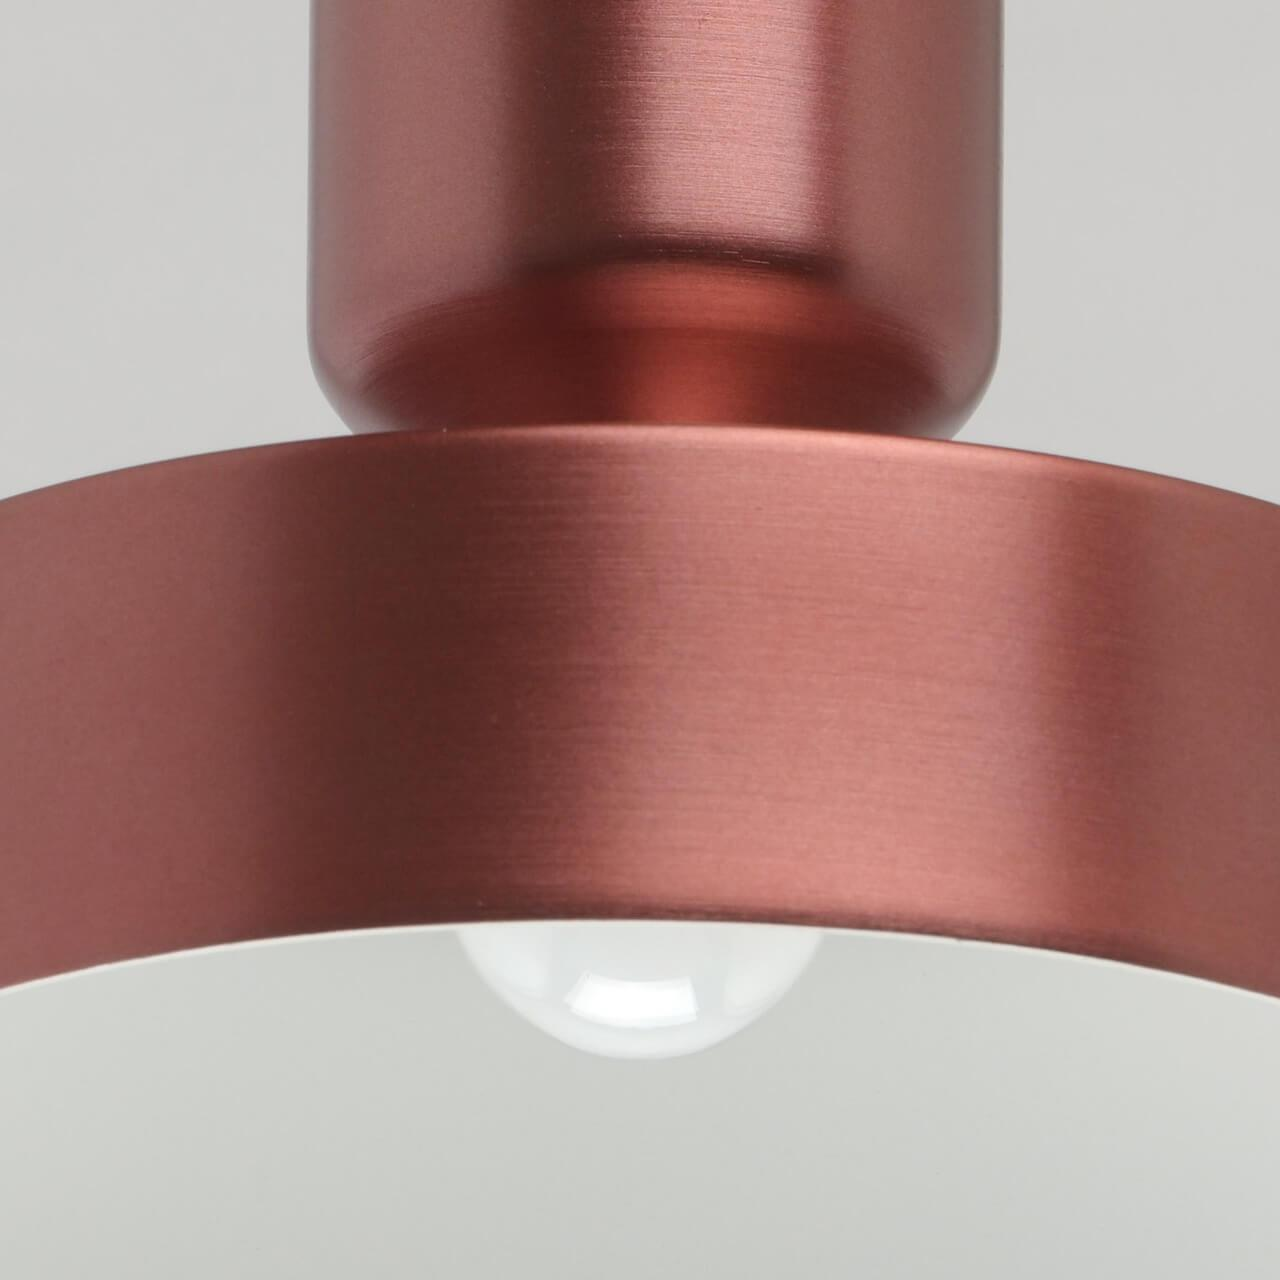 Подвесной светильник MW-Light Элвис 2 715010601 подвесной светильник mw light элвис 2 715010601